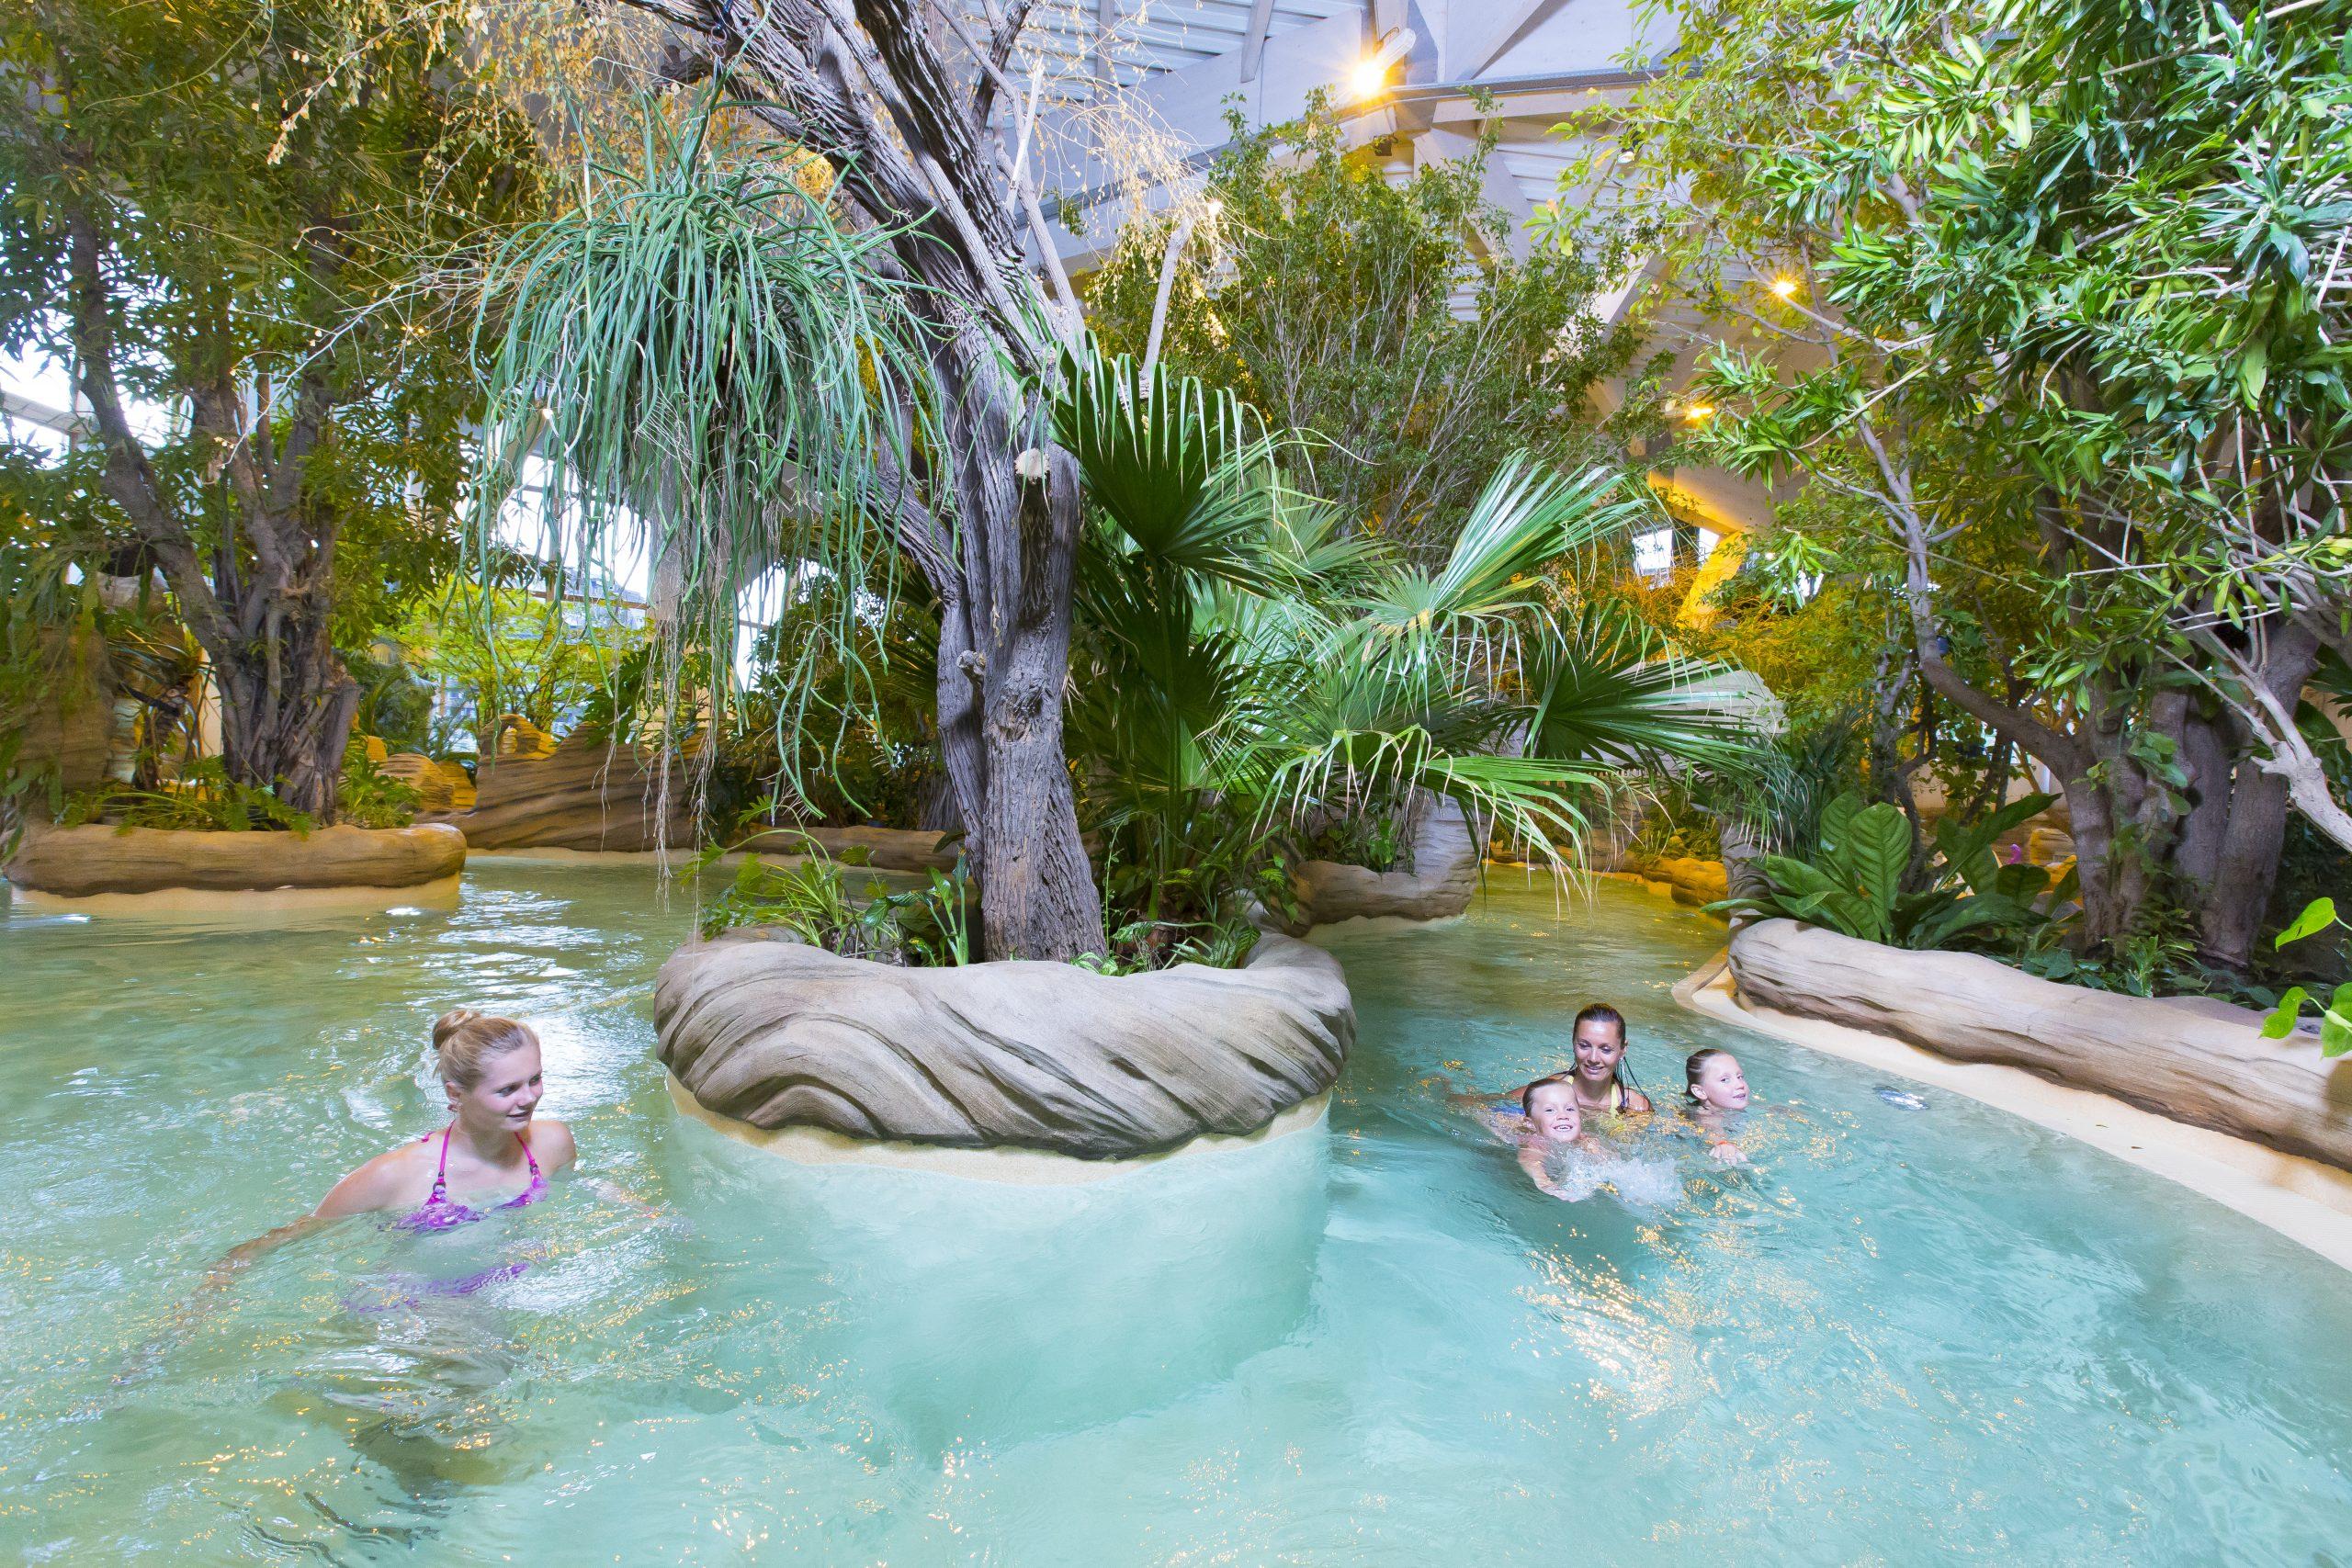 Aquariaz : Parc Aquatique Portes Du Soleil, Station De Ski ... intérieur Avoriaz Piscine